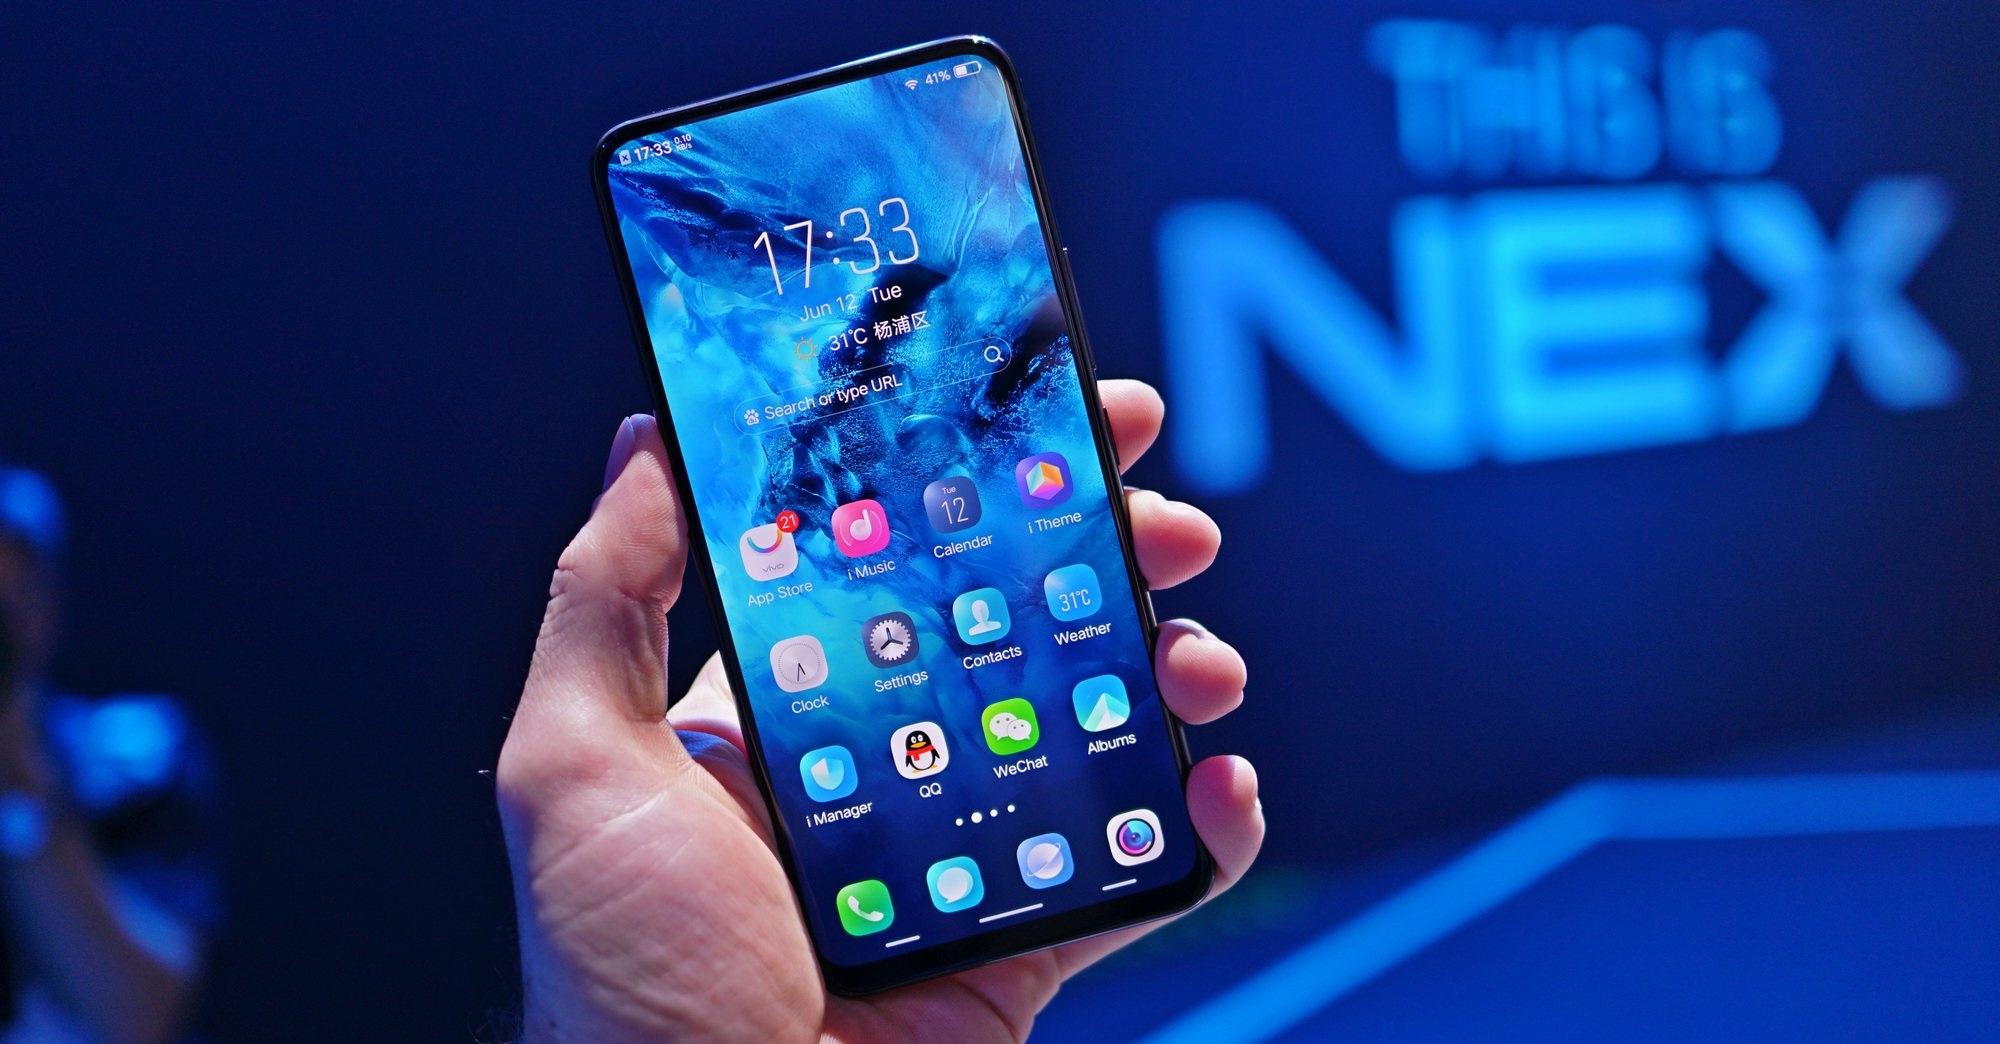 مراجعة الهاتف الجديد ذو التصميم الثوري Vivo NEX أحدث الهواتف الرائدة في العالم